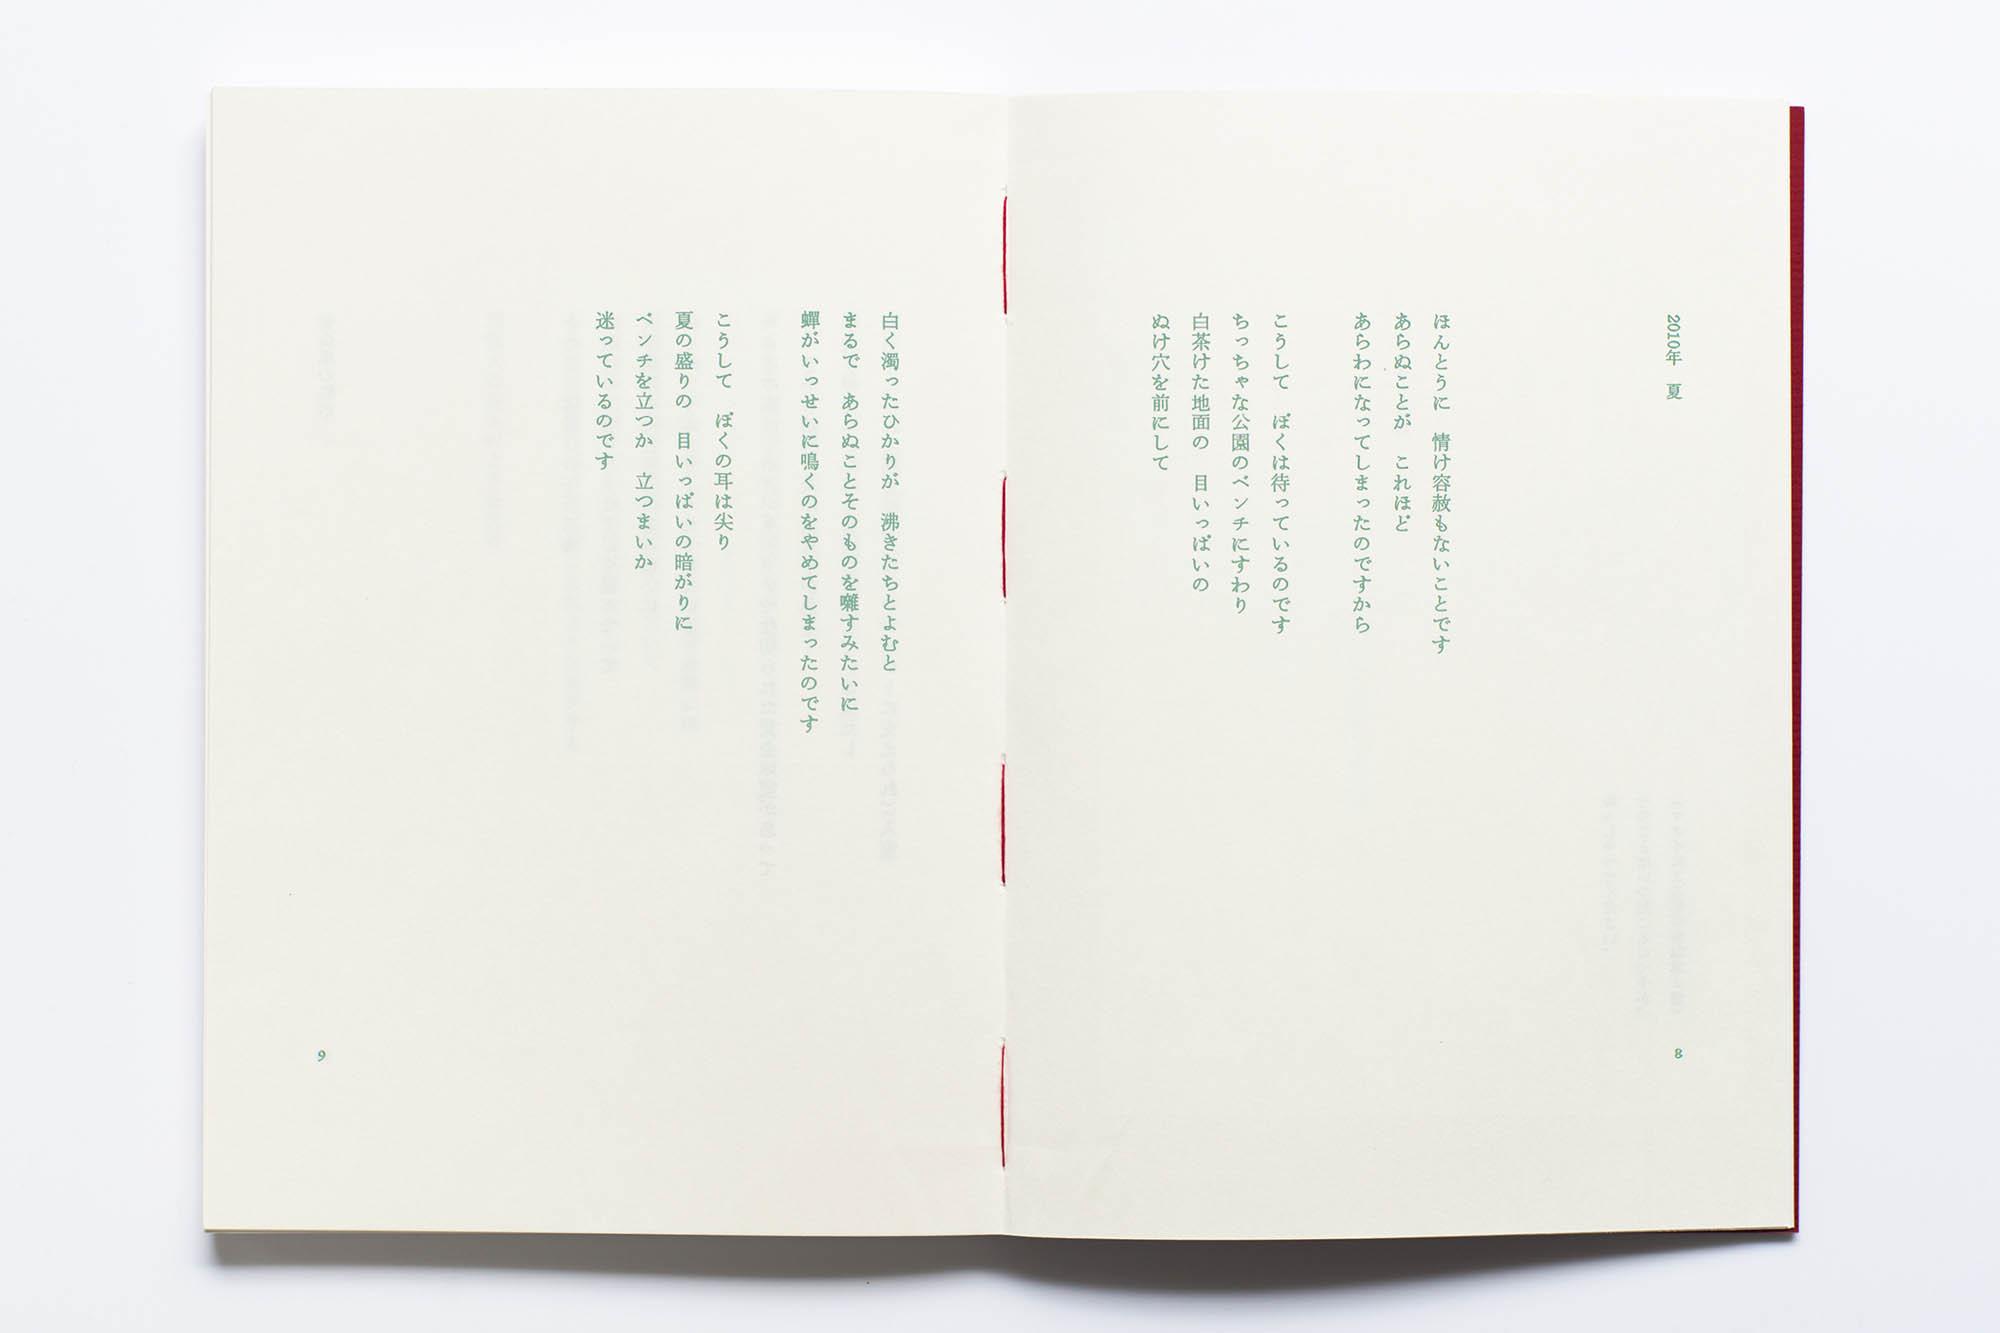 かめという女の記憶 装幀 本文 緑の文字 赤のかがり糸